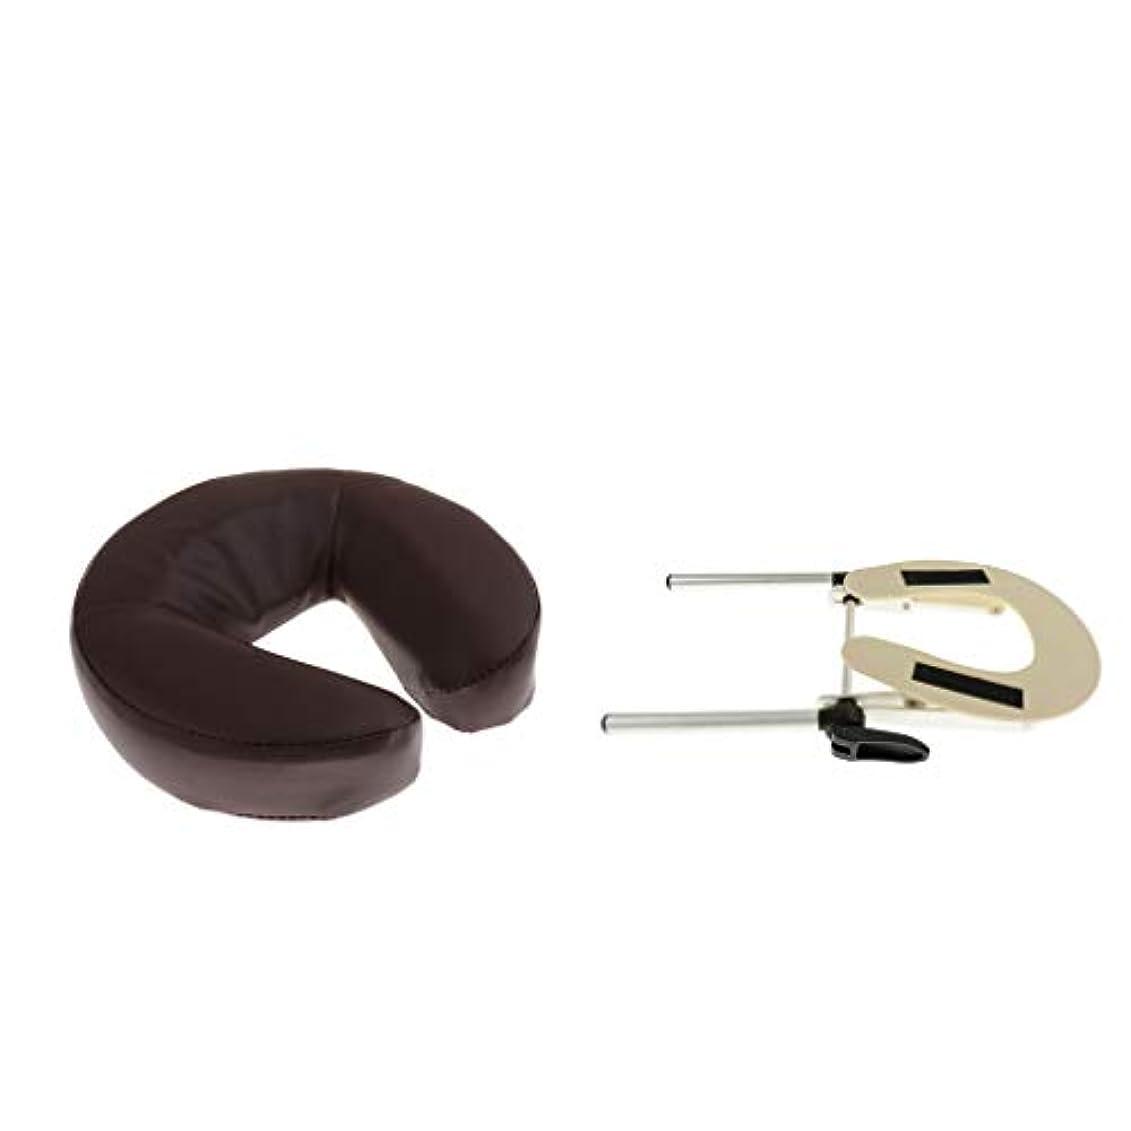 インスタンス前売くびれた調節可能な フェイスクレードル マッサージ テーブルベッド フェイスクレードルピローセット